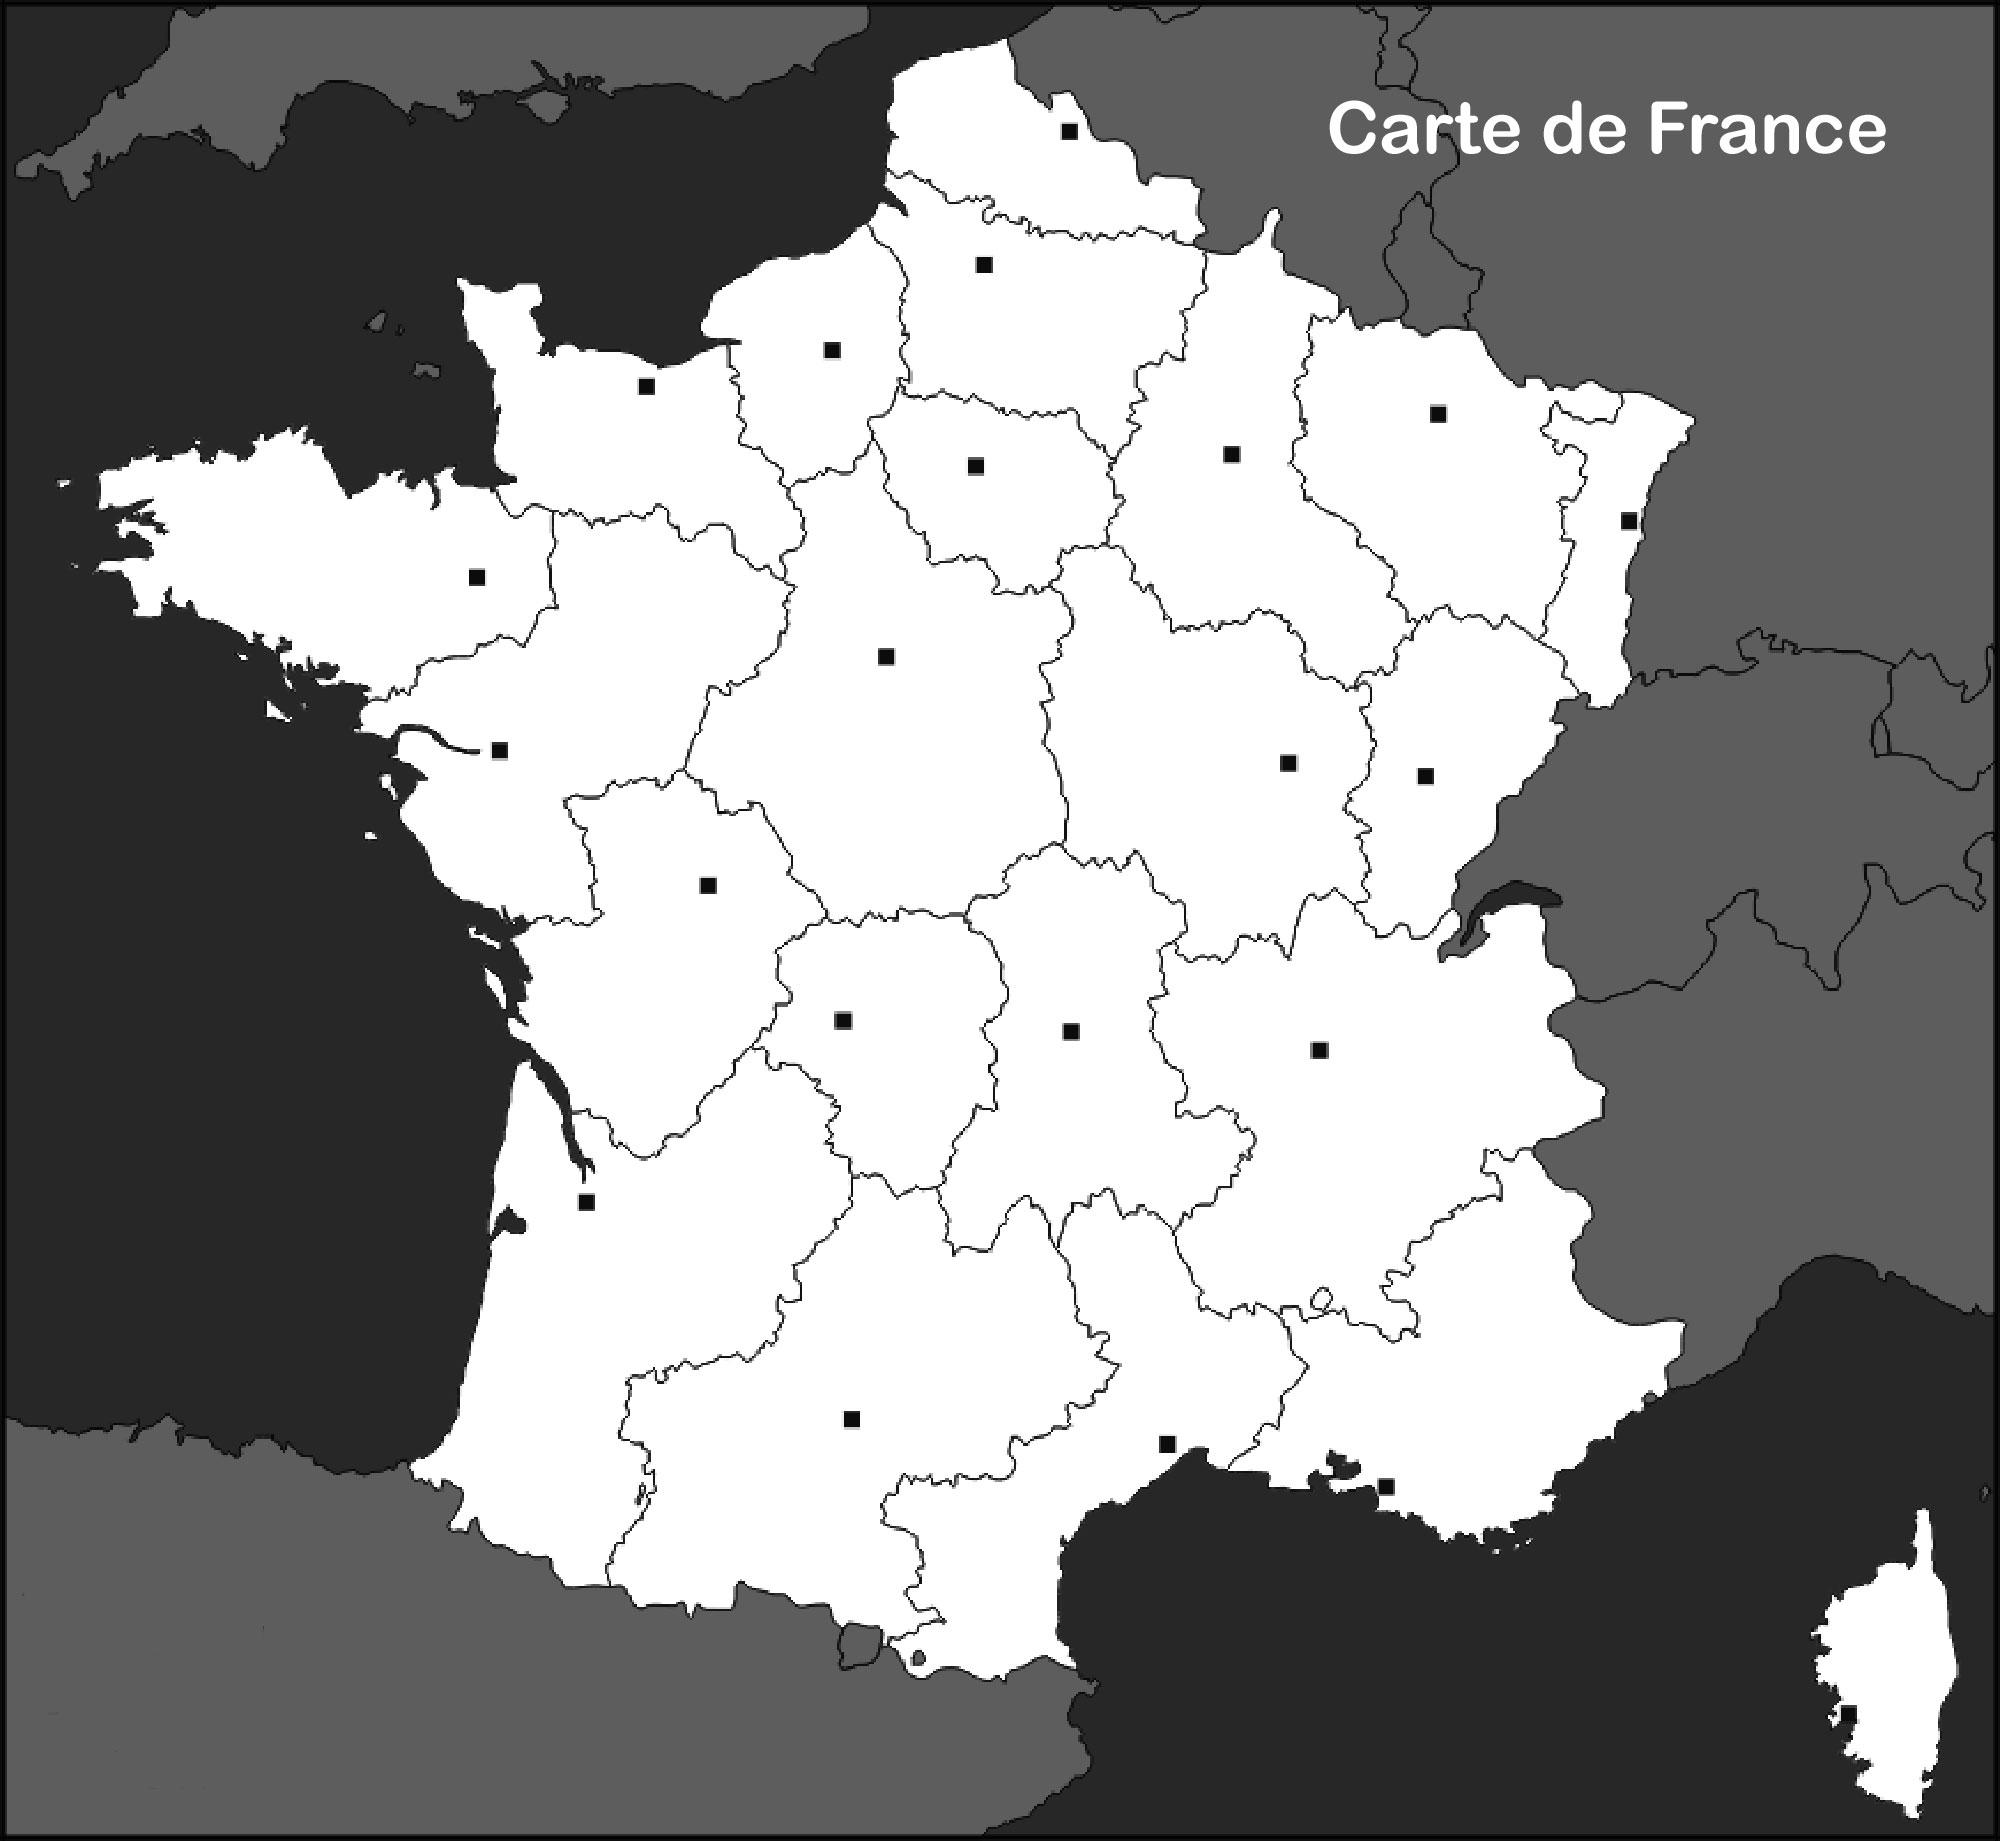 Carte De France Vierge - Voyages - Cartes destiné Carte De France Région Vierge